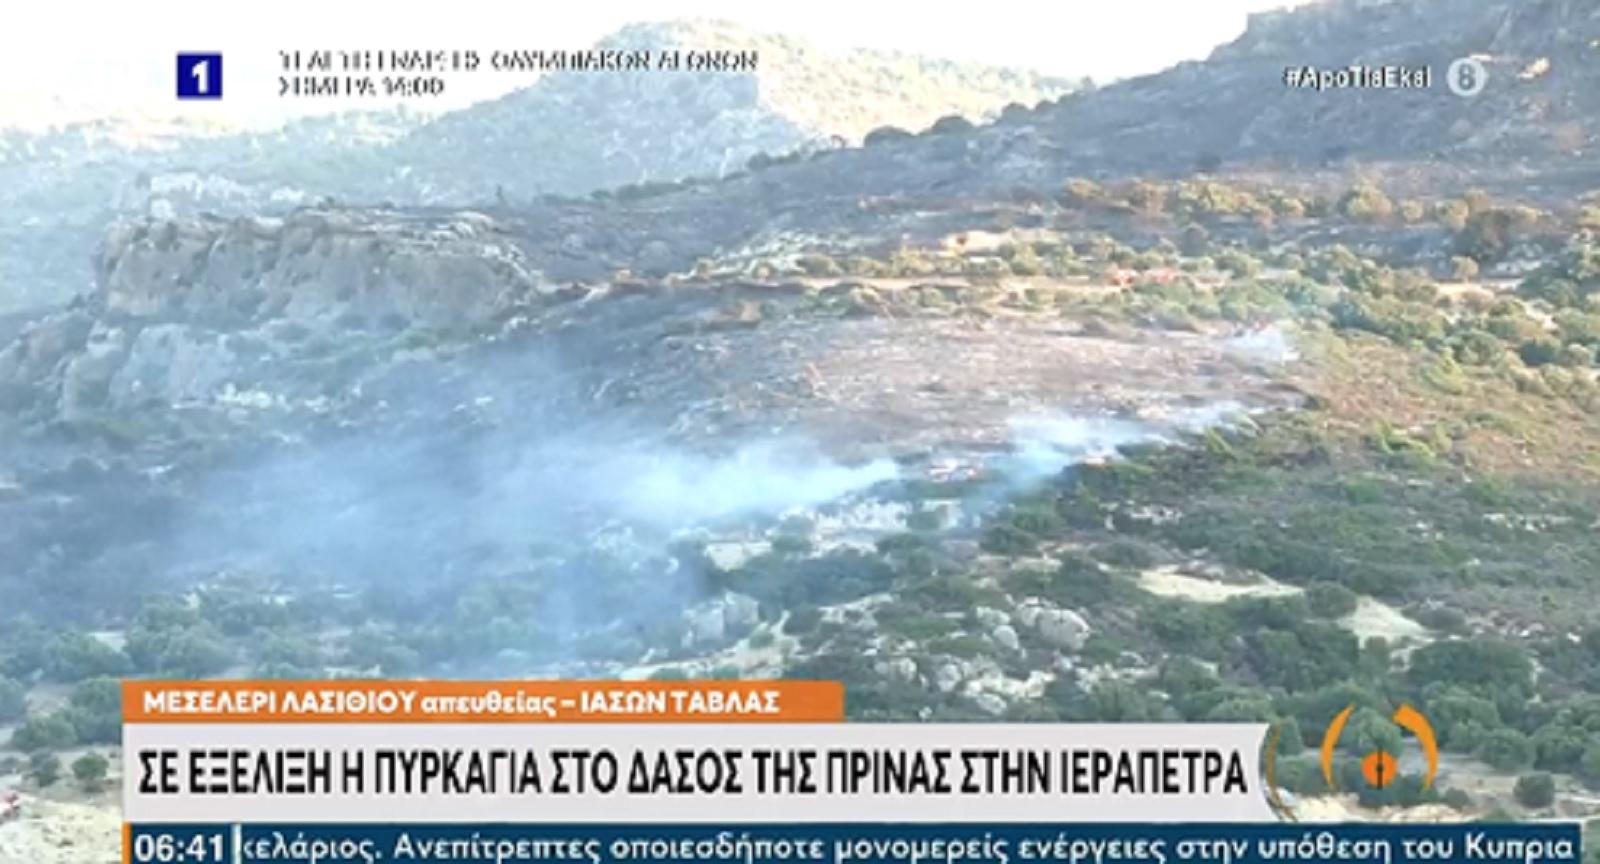 Μαίνεται η φωτιά στον Άγιο Νικόλαο Κρήτης – Στο έργο κατάσβεσης και τα εναέρια μέσα